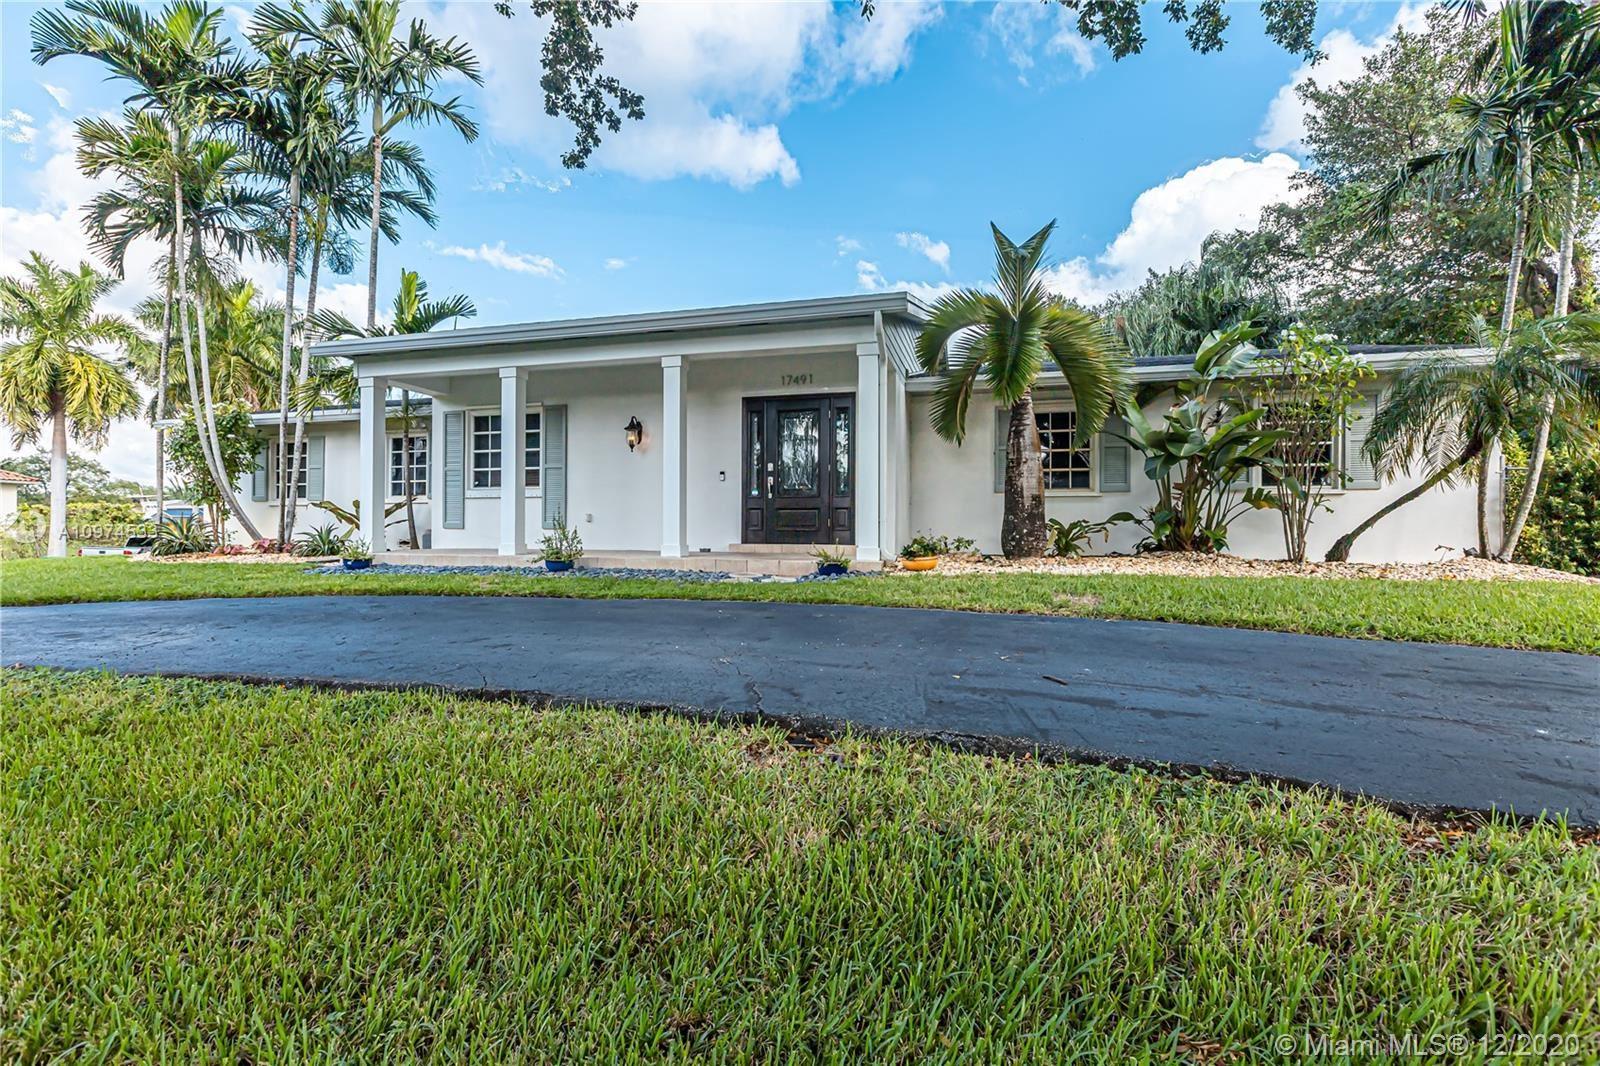 17491 SW 83rd Ave, Palmetto Bay, FL 33157 - #: A10974533